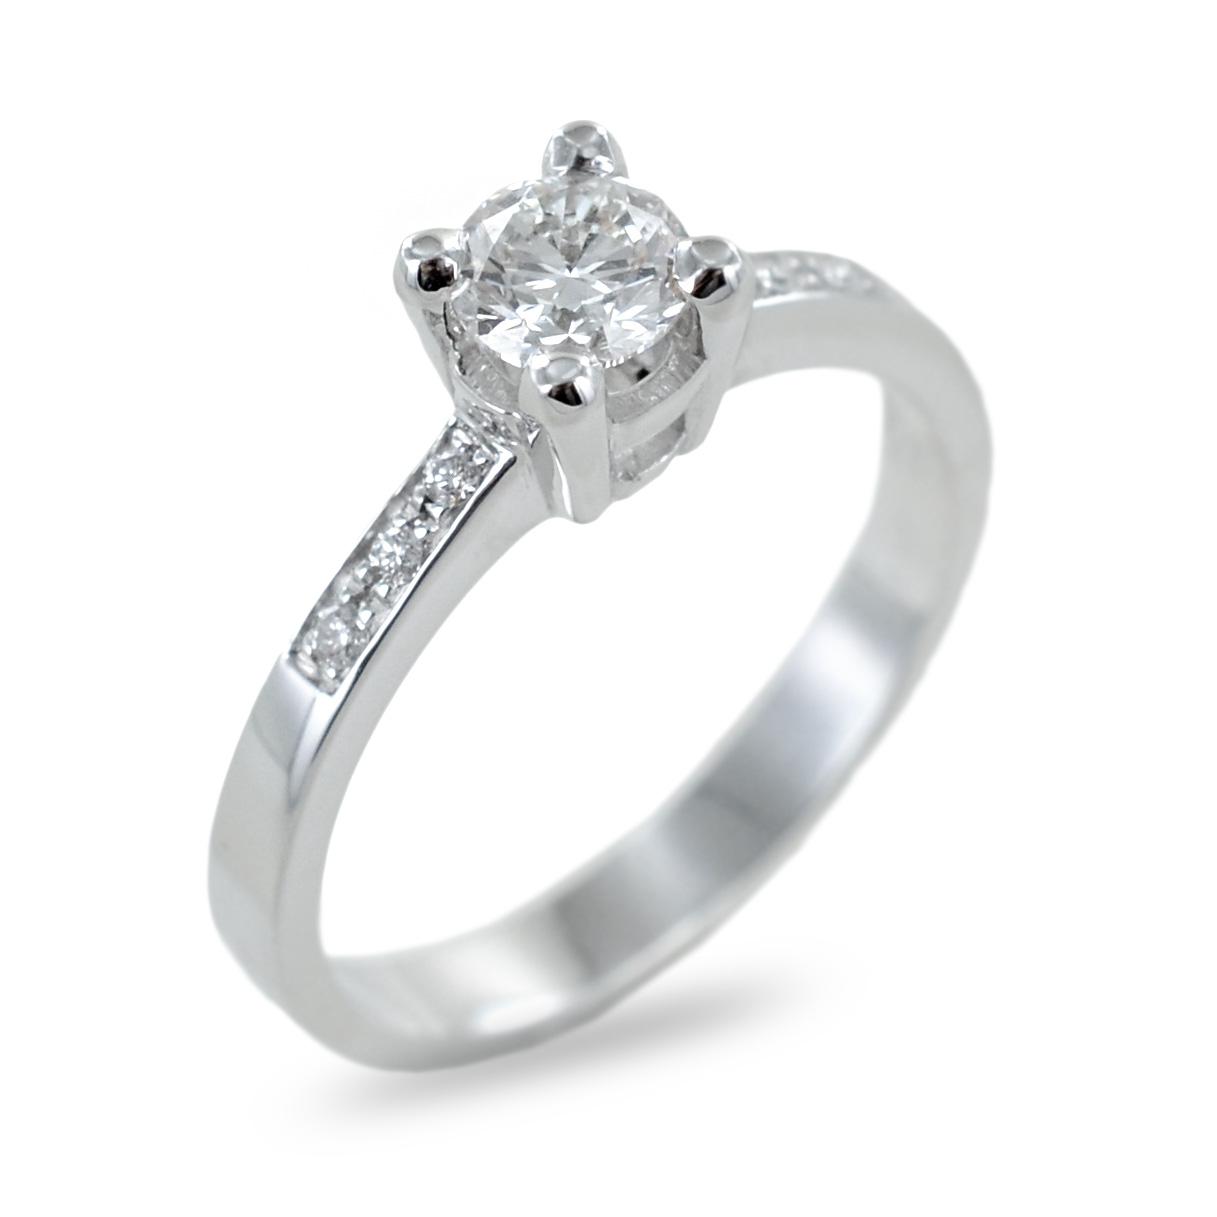 Anello solitario con pave di diamanti sul gambo 0.40 ct